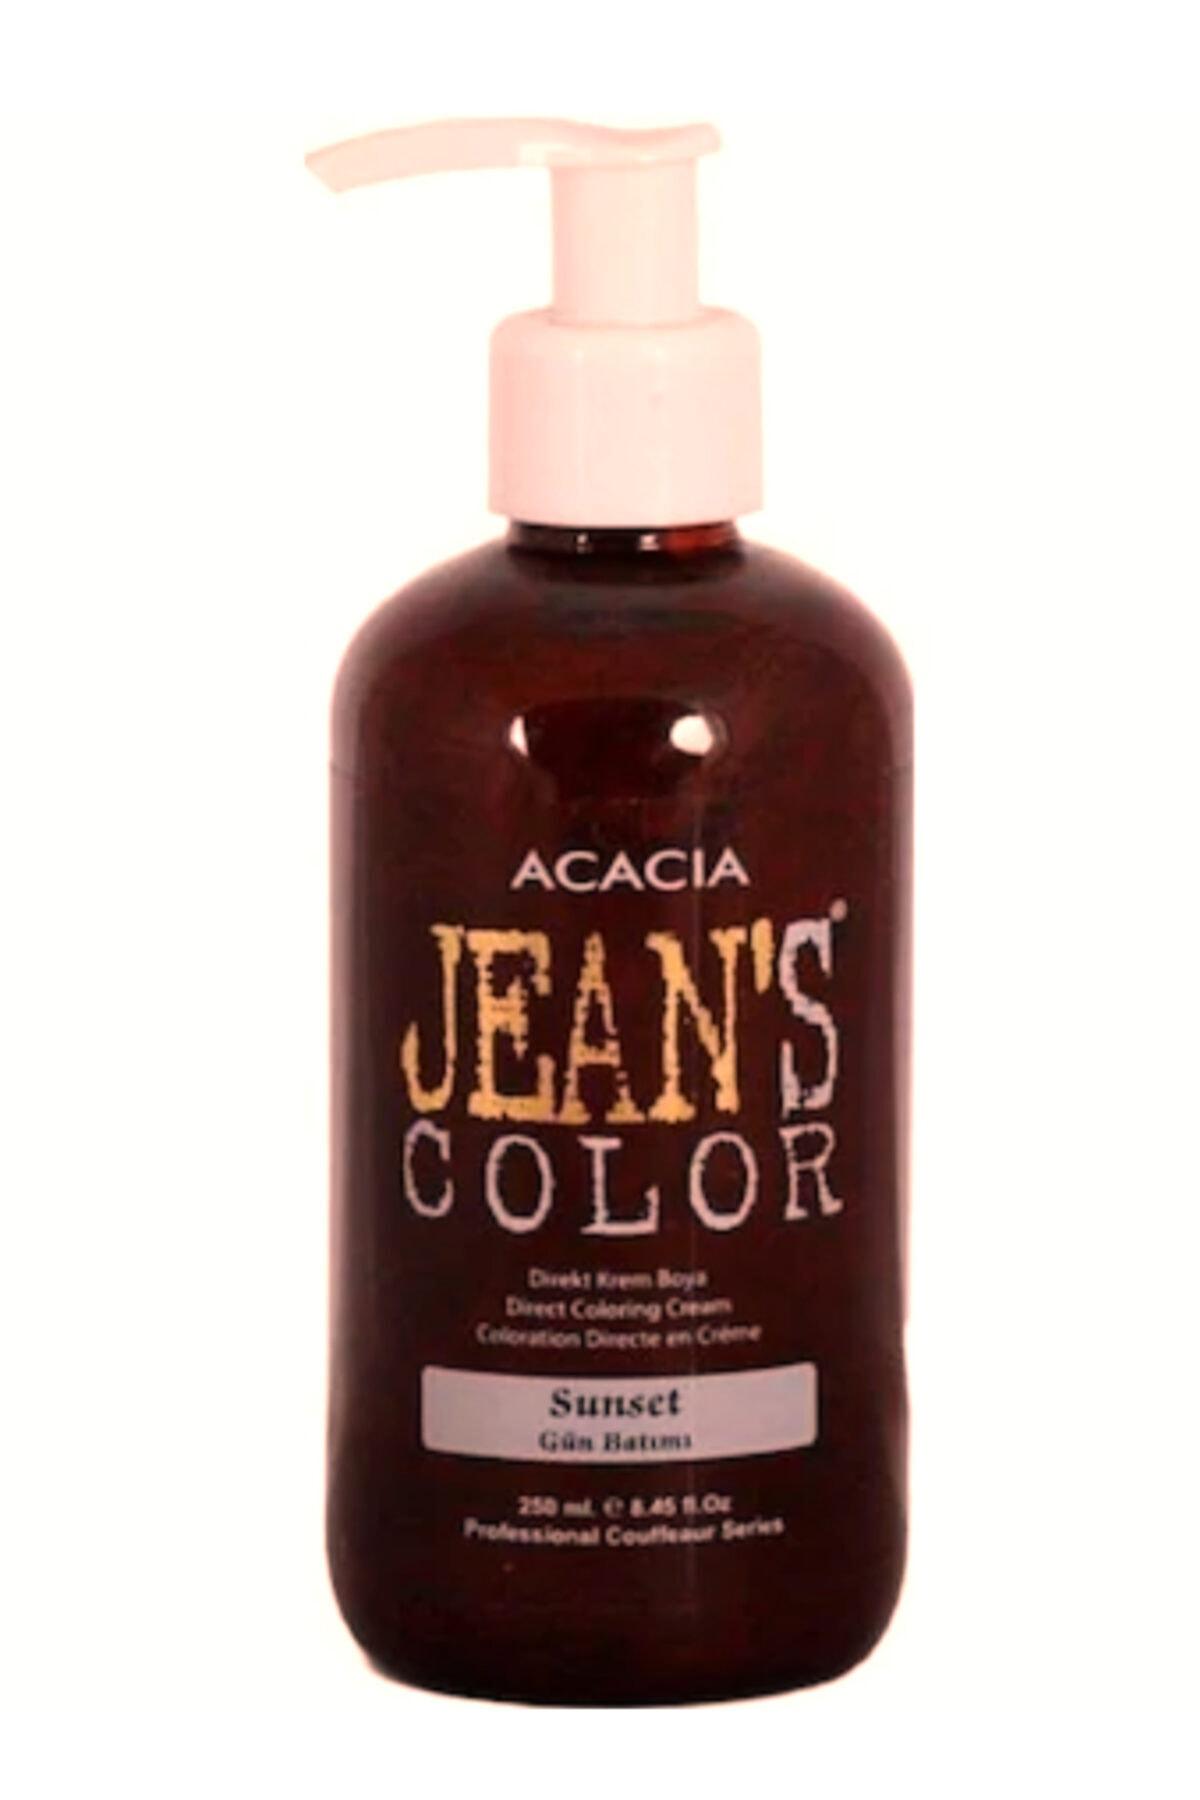 Jean's Color Gün Batımı Sunset 250ml